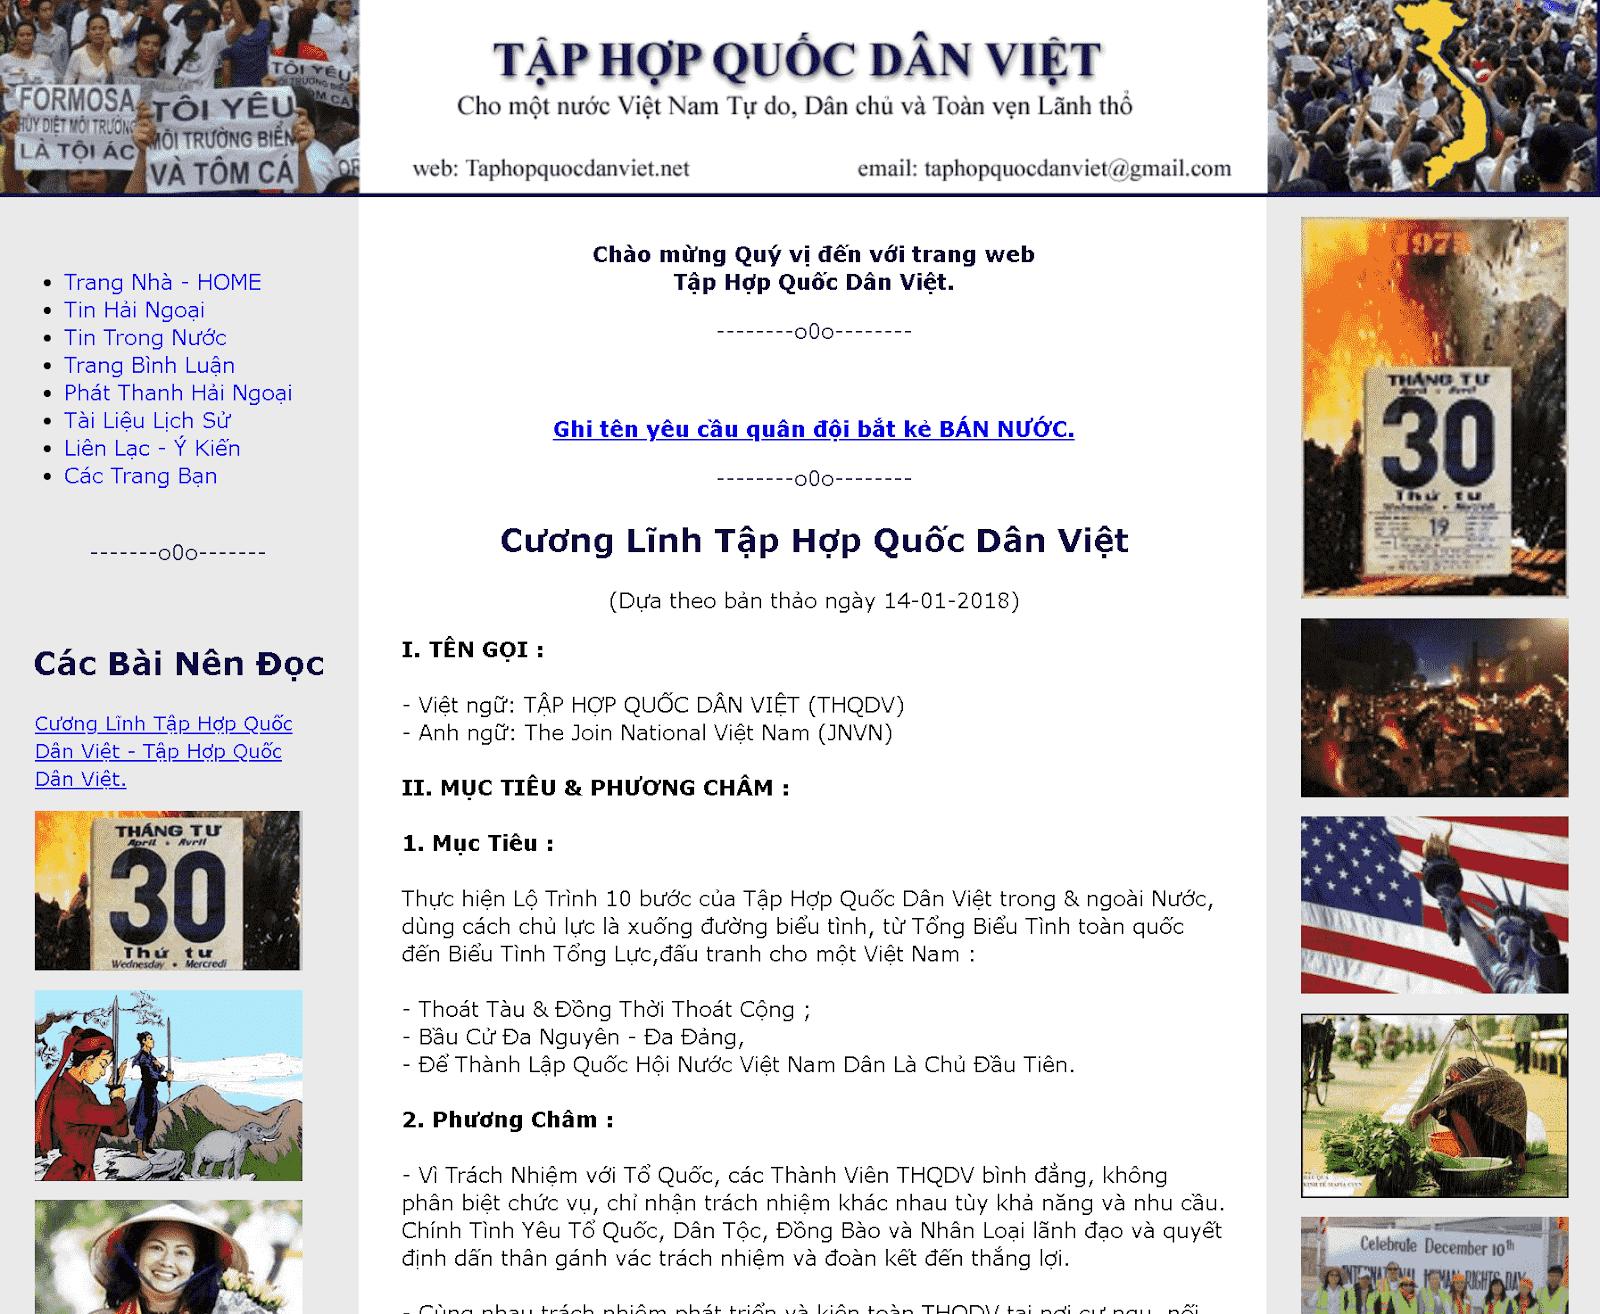 Hình ảnh trang web Tập hợp quốc dân Việt.